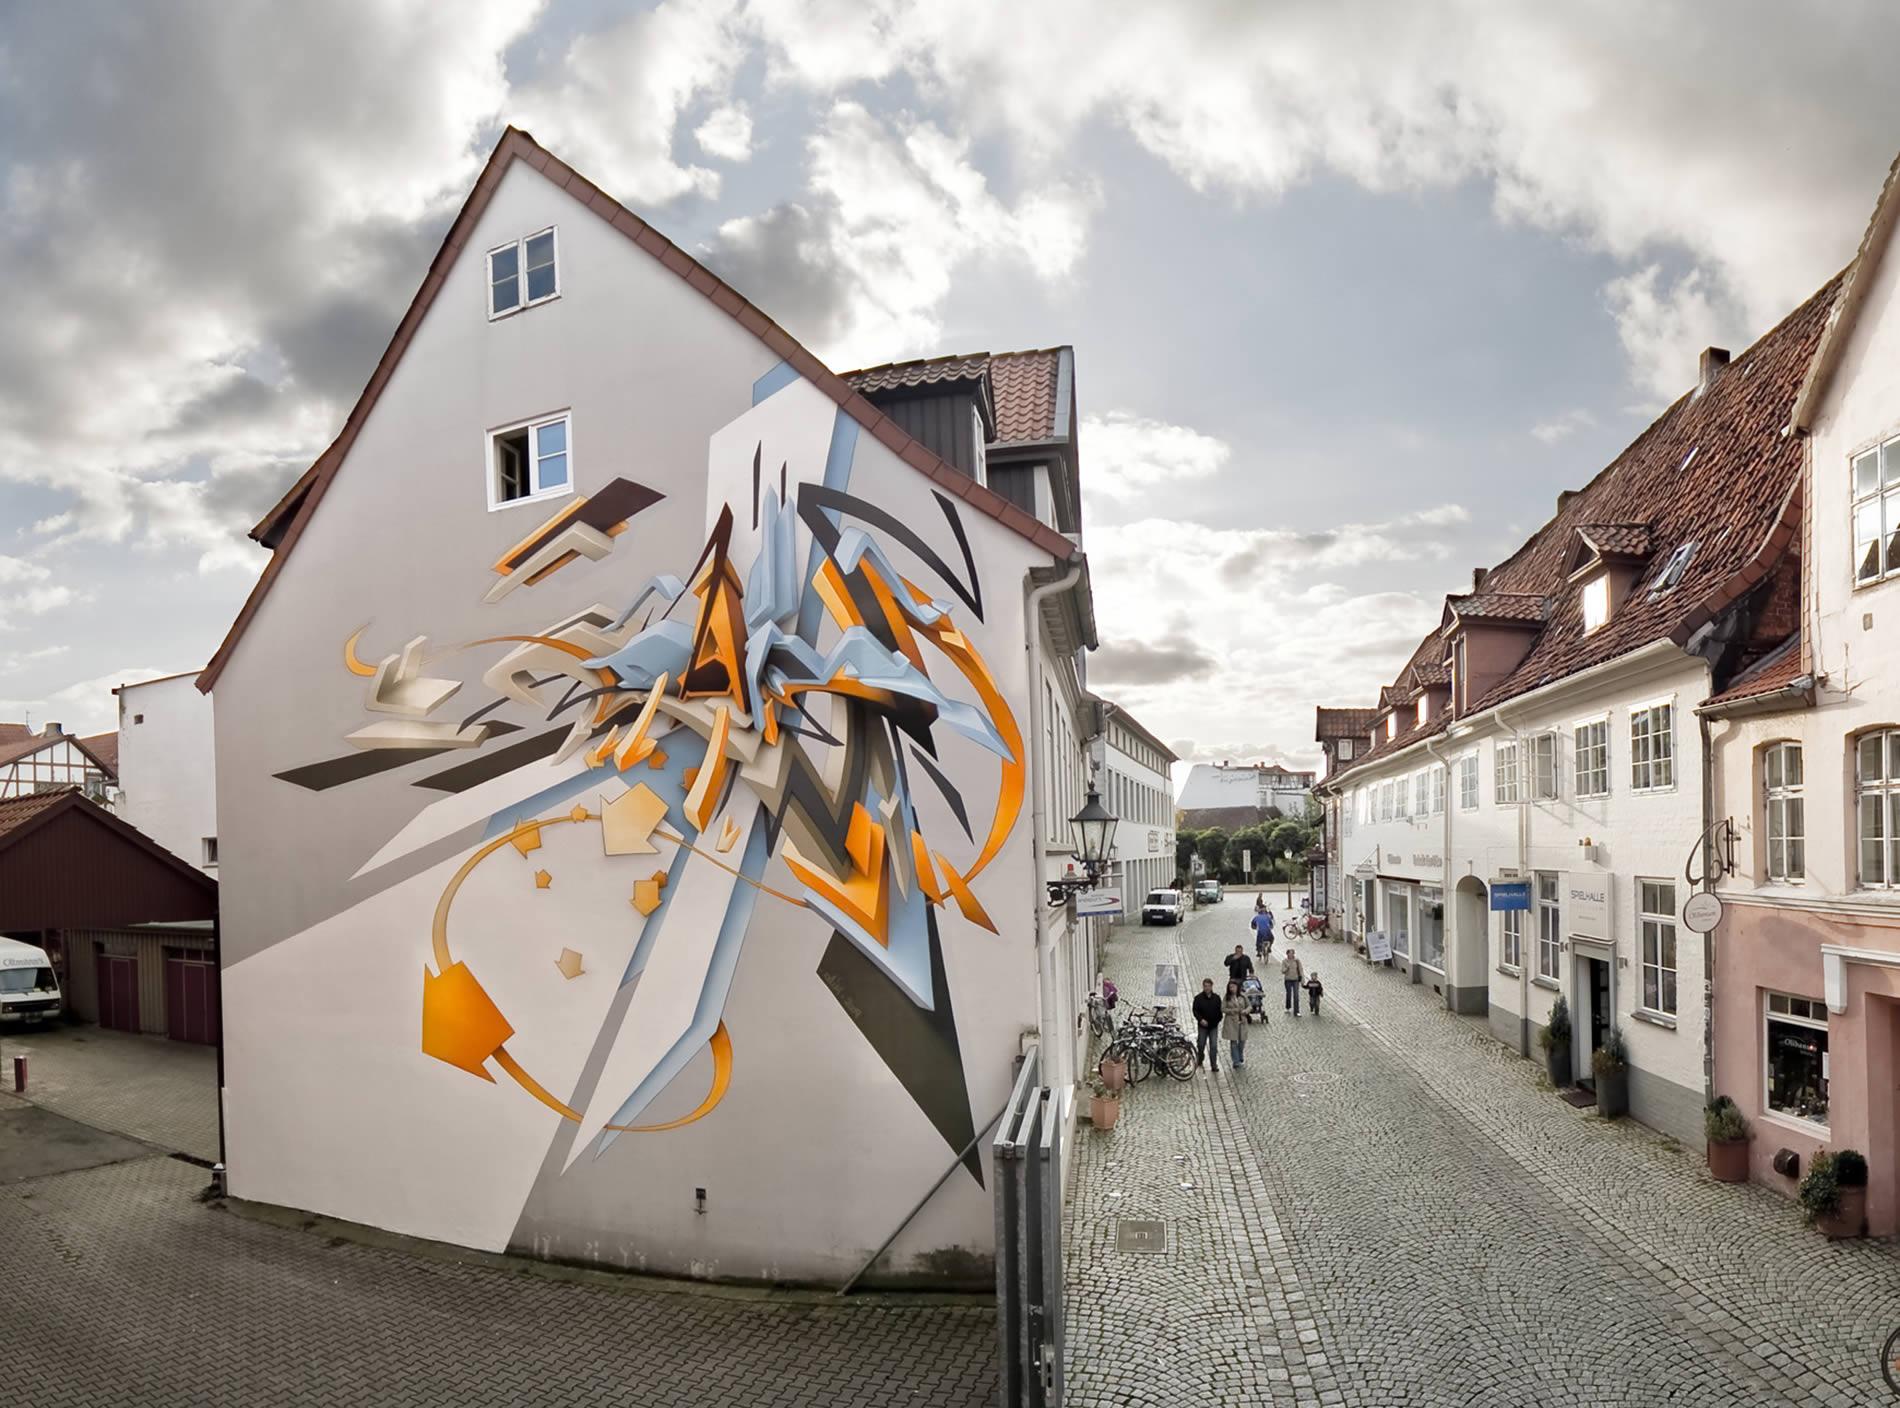 daim graffiti vlist (7)